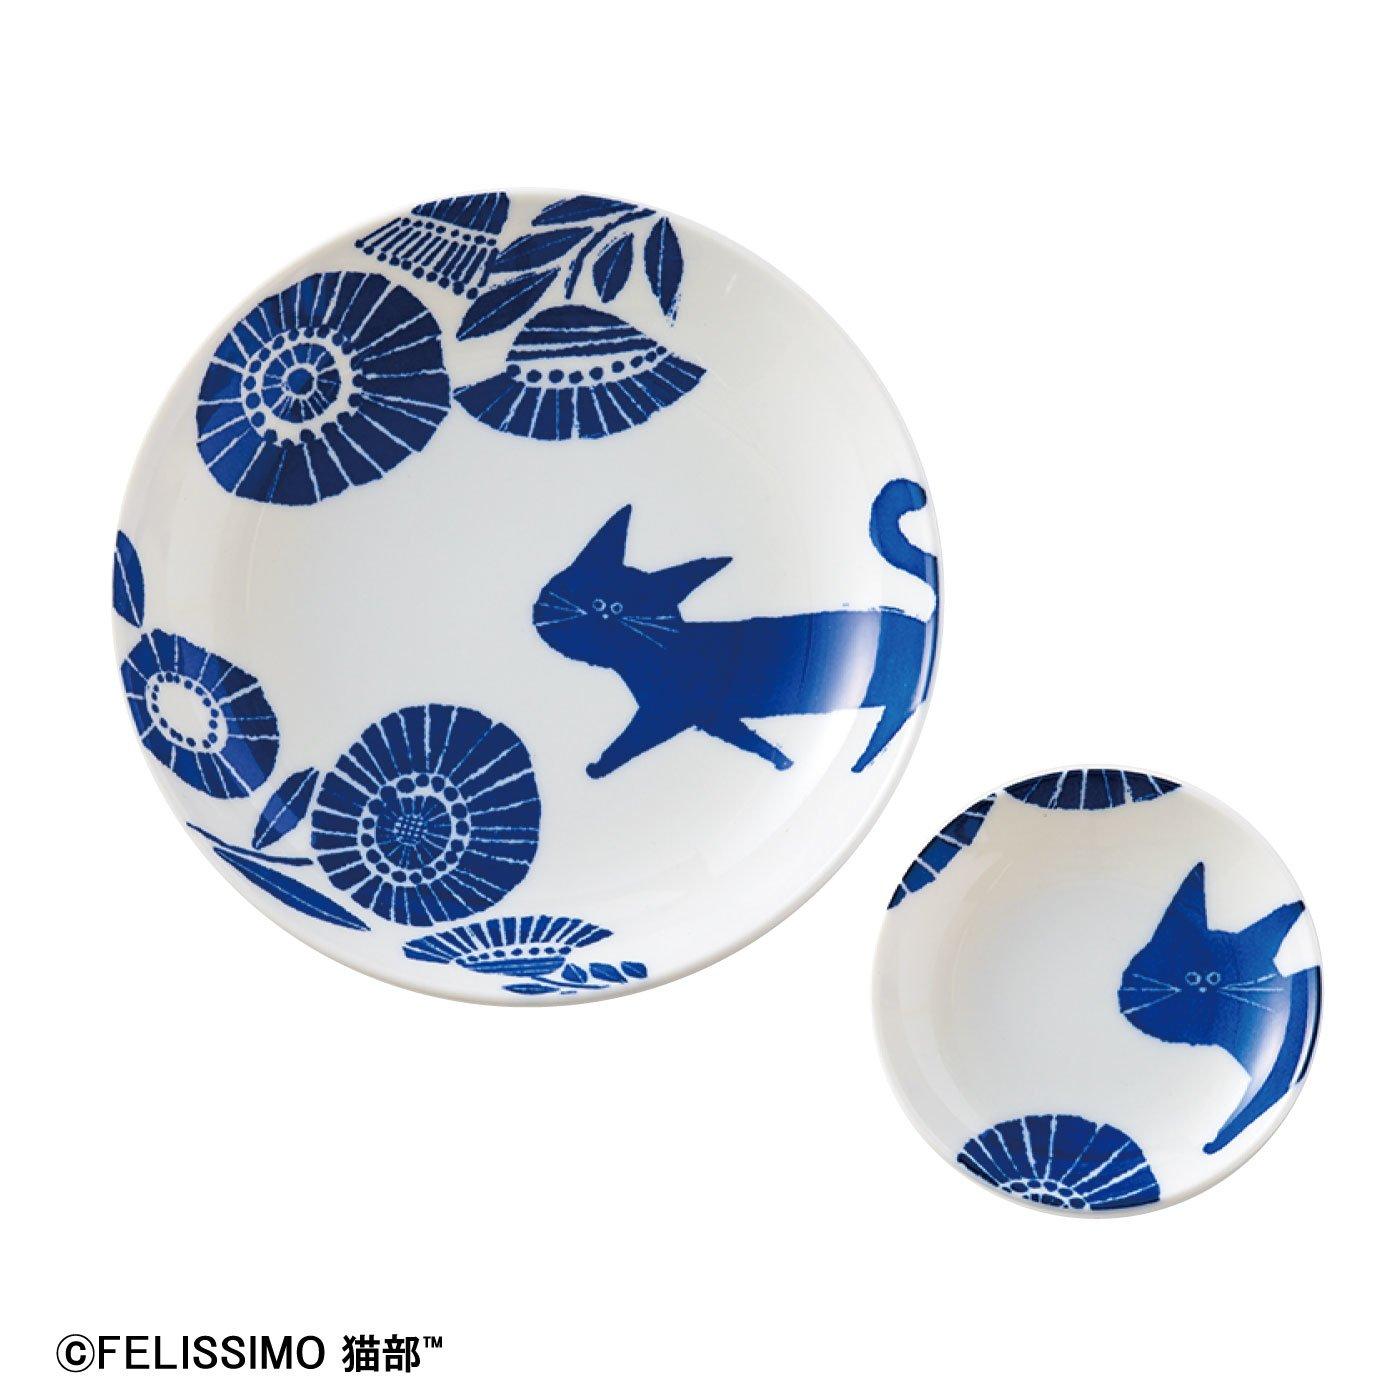 猫部×coco.a 和柄猫お皿セット さんぽ道〈平皿〉の会